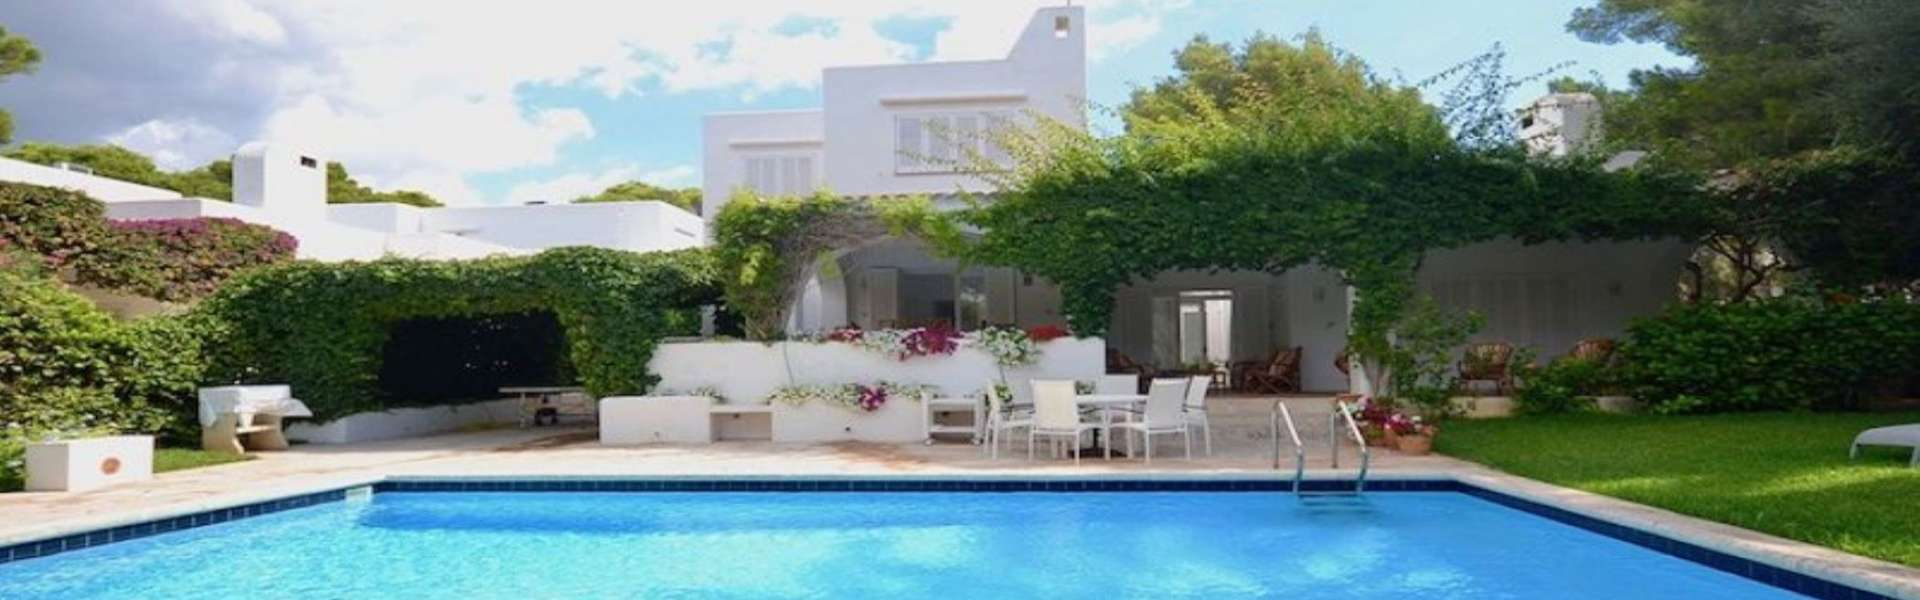 Cala d'Or - Villa im ibizenkischen Stil zum Verkauf